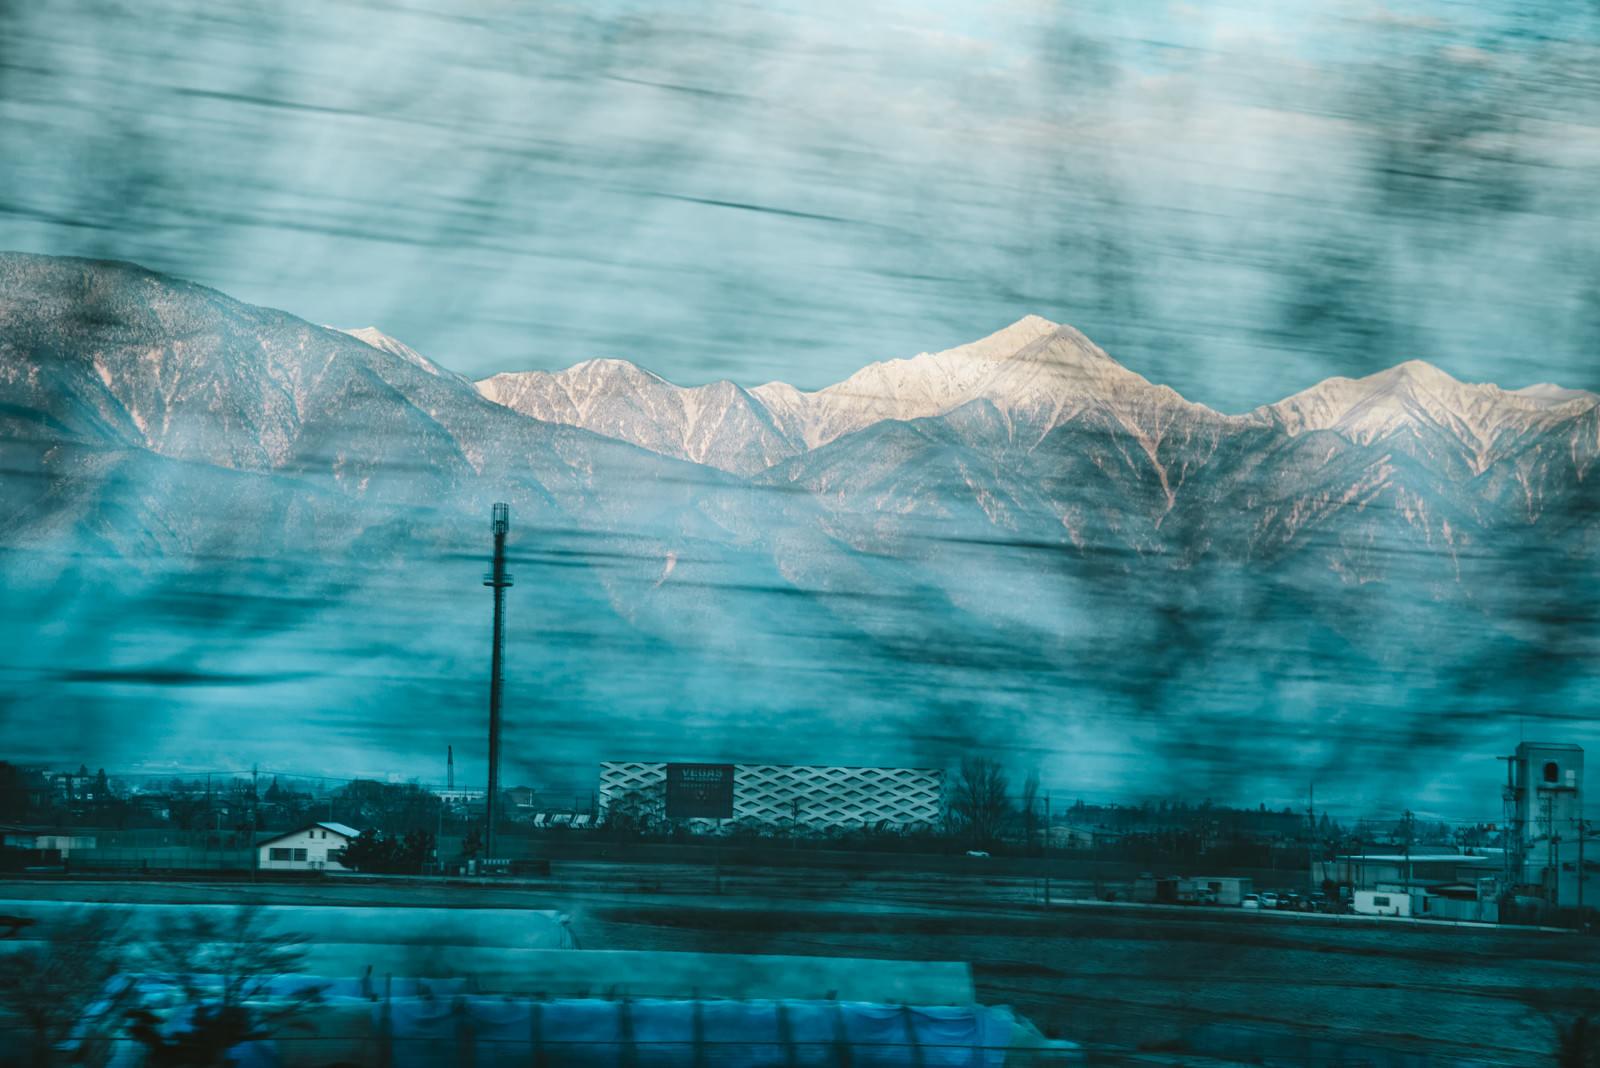 「車窓から見える常念岳(北アルプス)」の写真